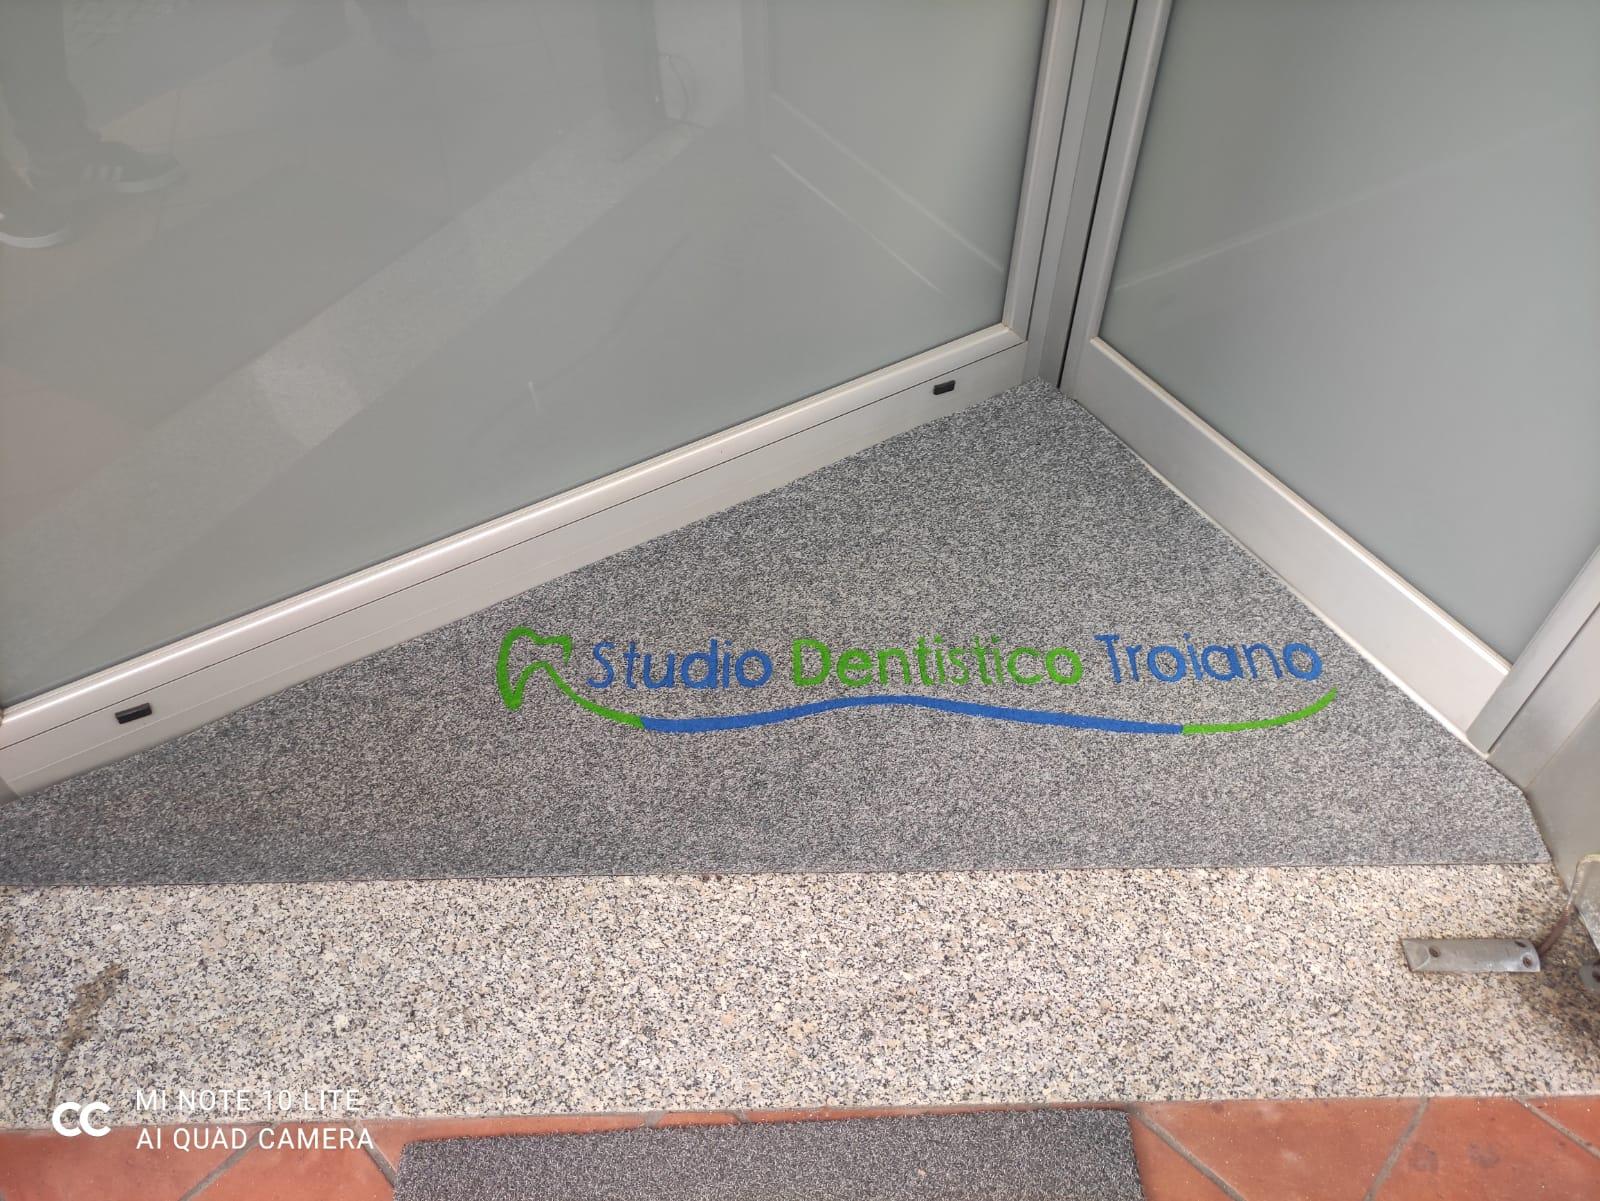 Zerbini personalizzati Salerno – Alcuni esempi di zerbini personalizzabili per i clienti di Salerno